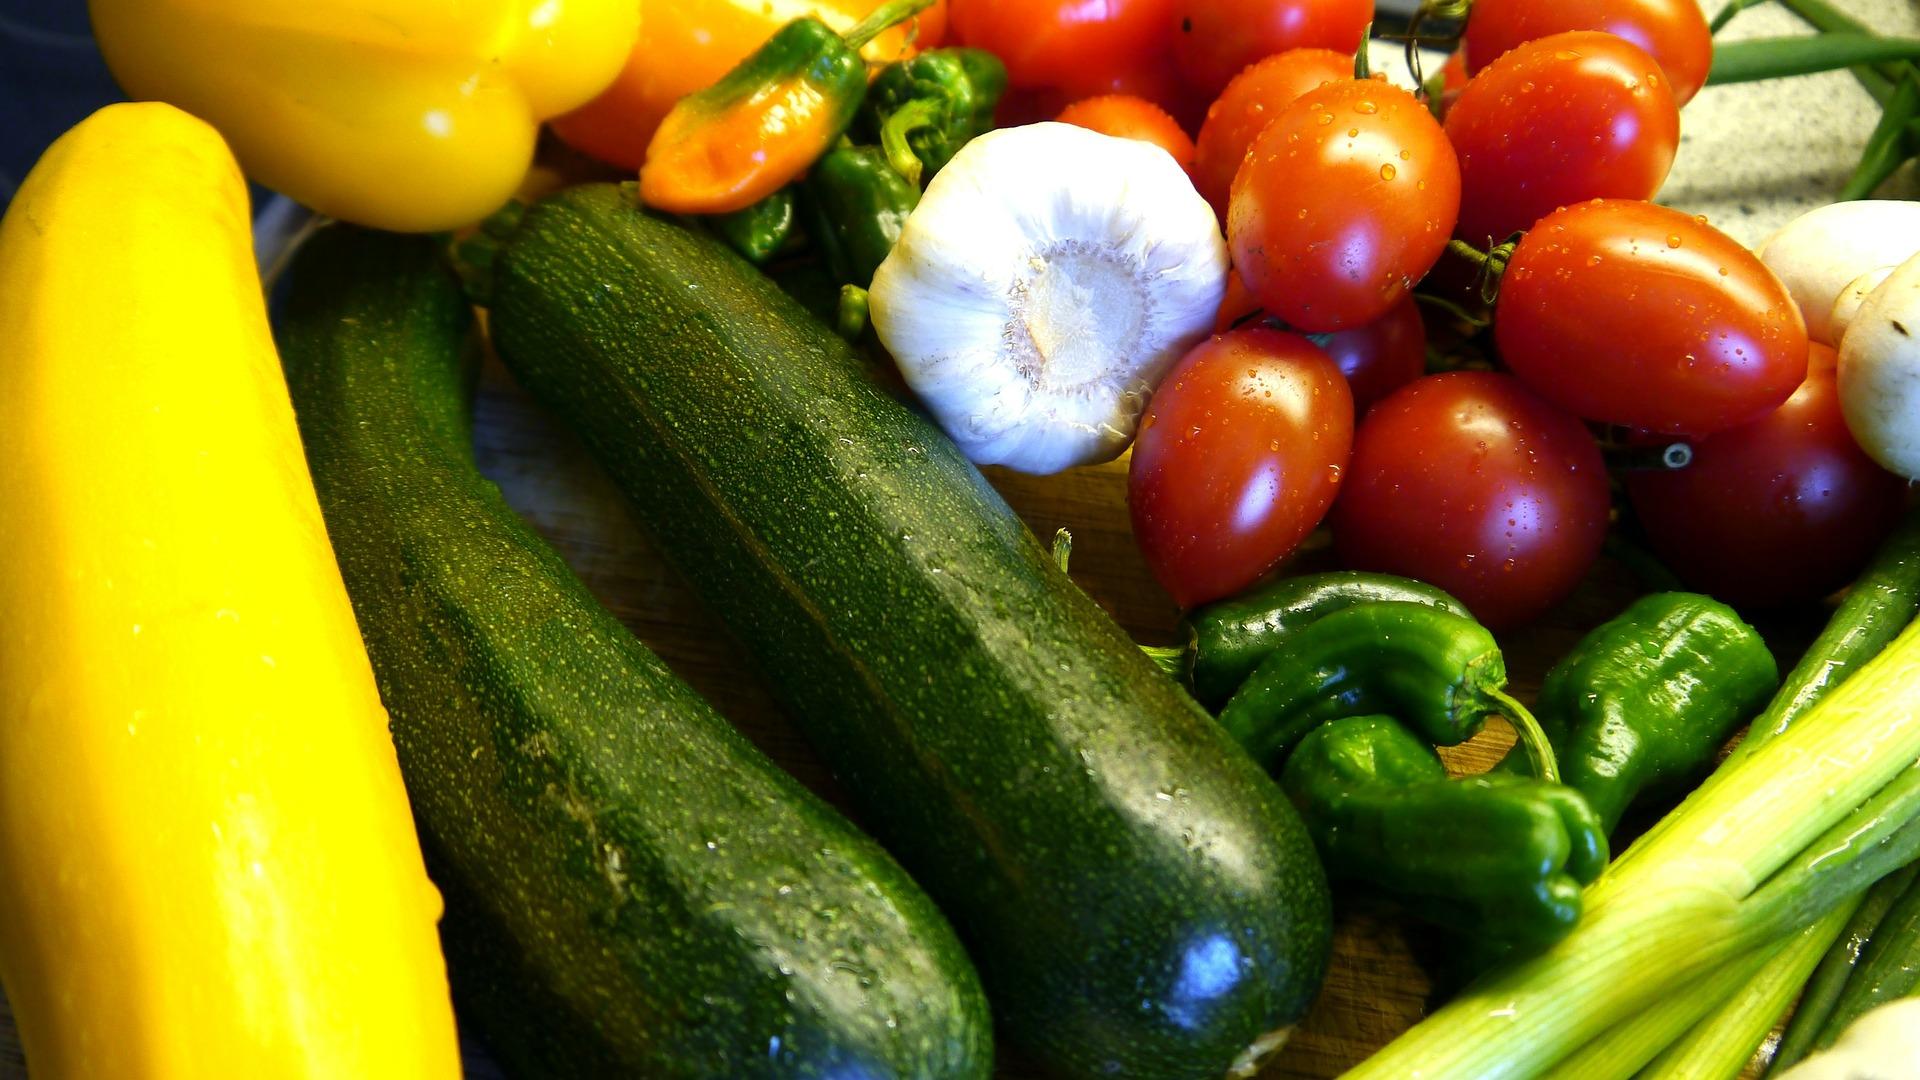 vegetables-331638_1920